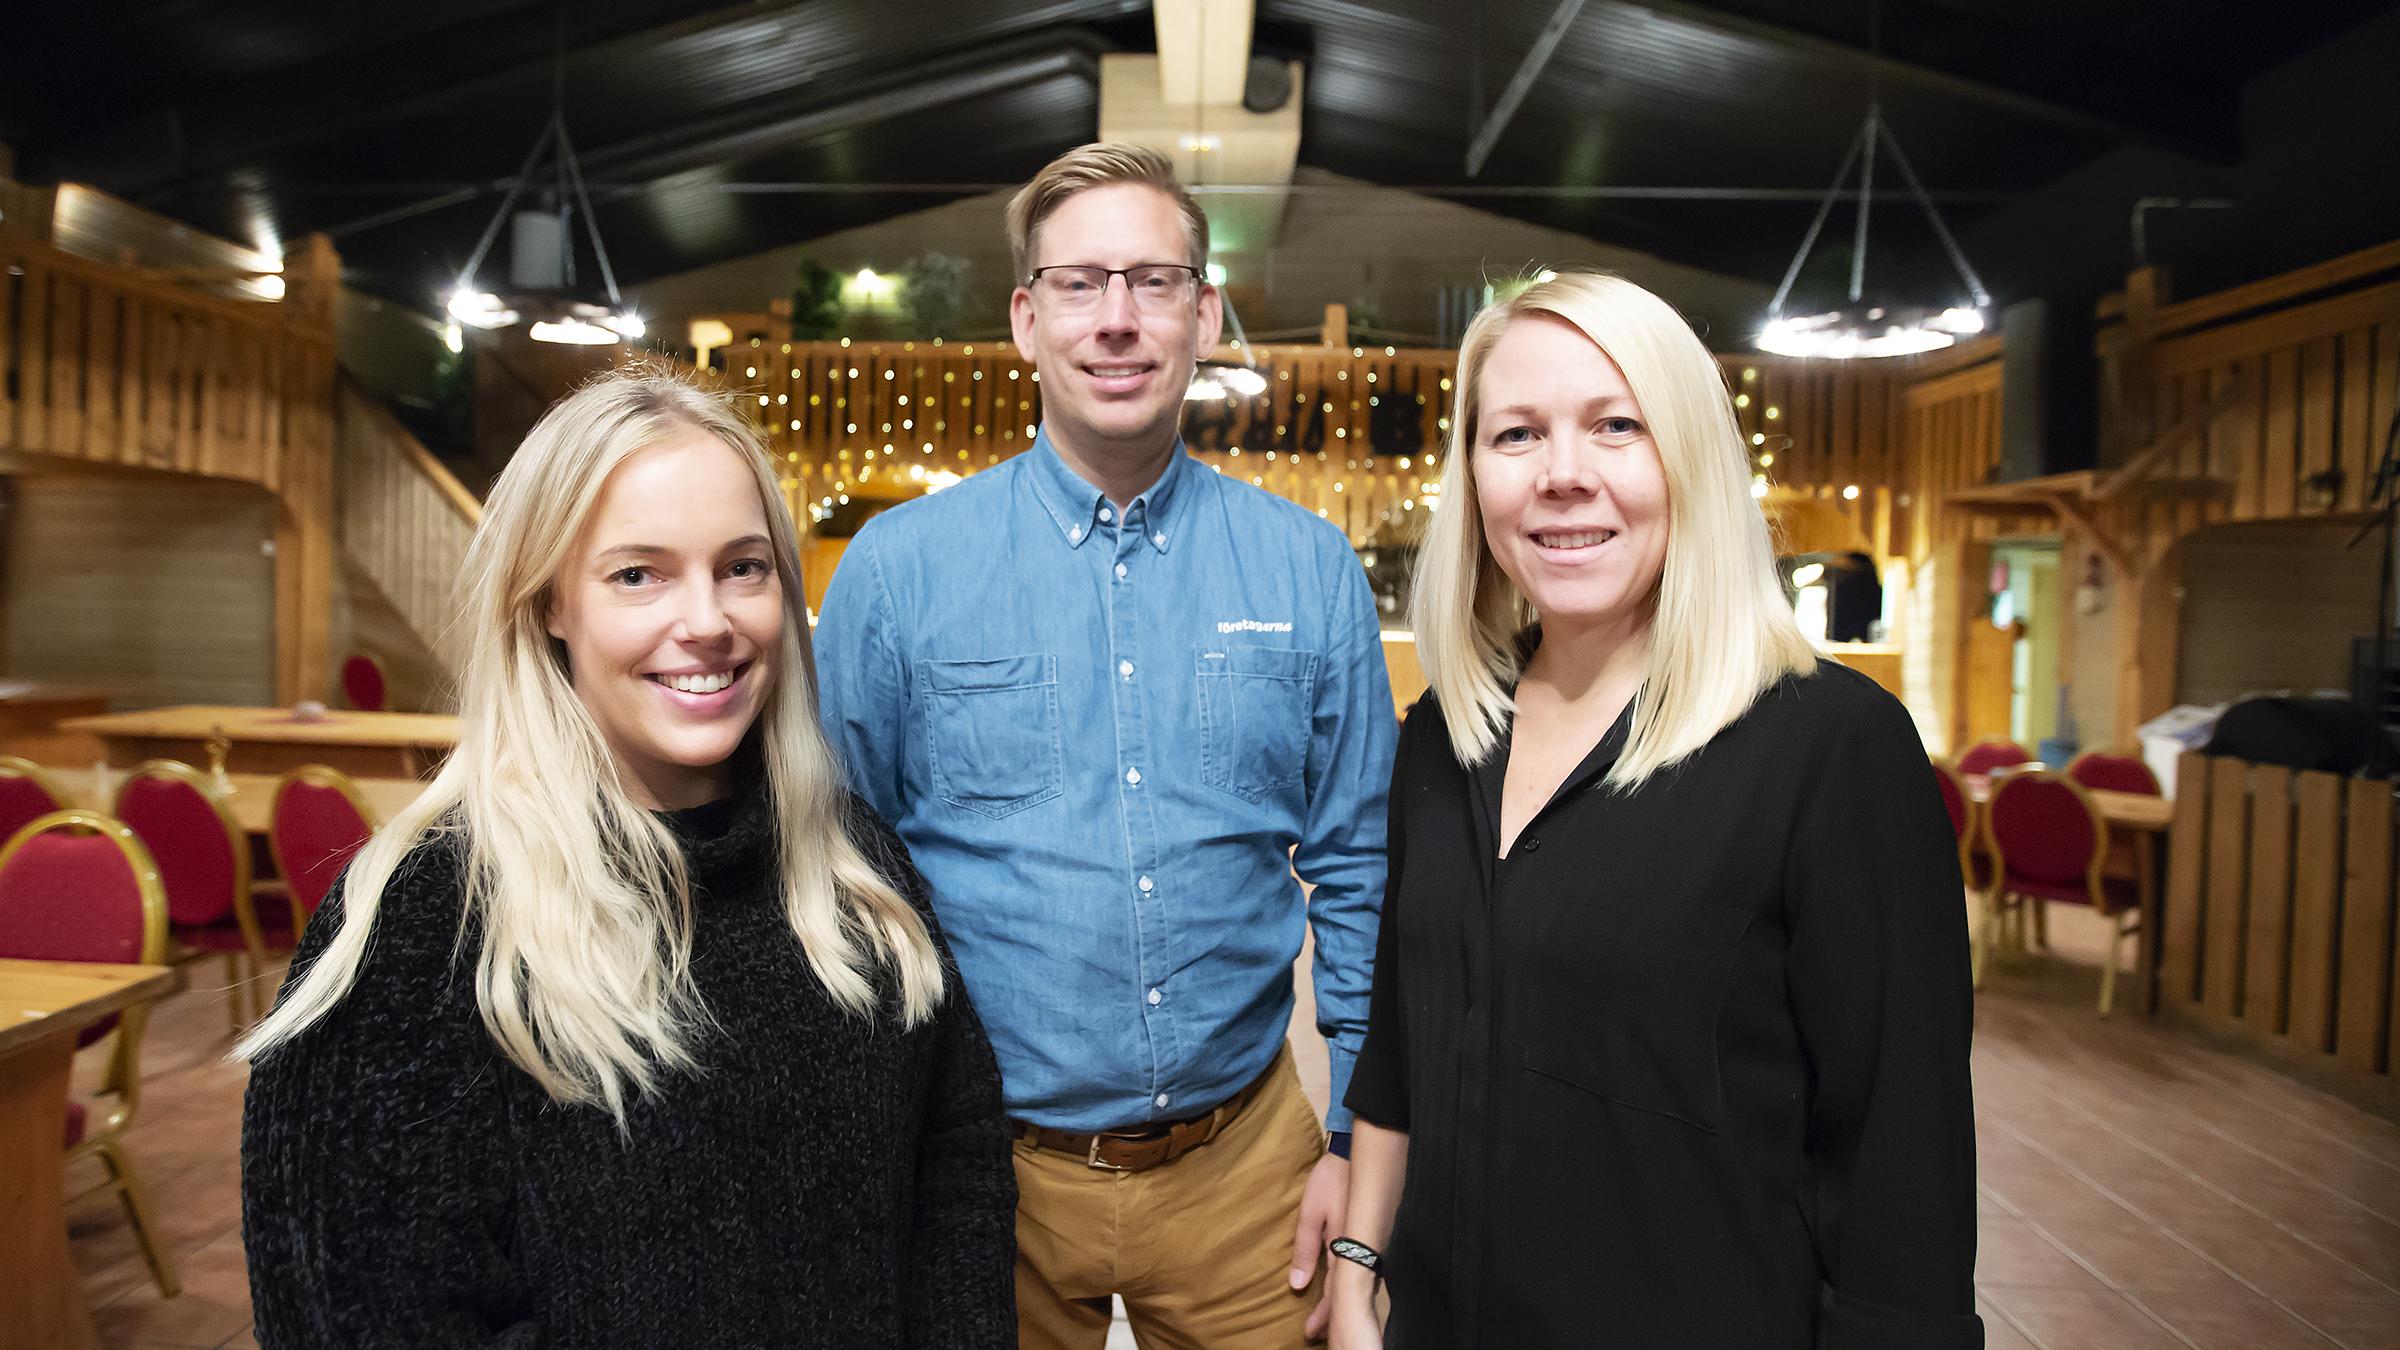 Michaela Strömberg, Rikard Mattsson och Malin Winsa på Western Farm inför Boden Business Day.